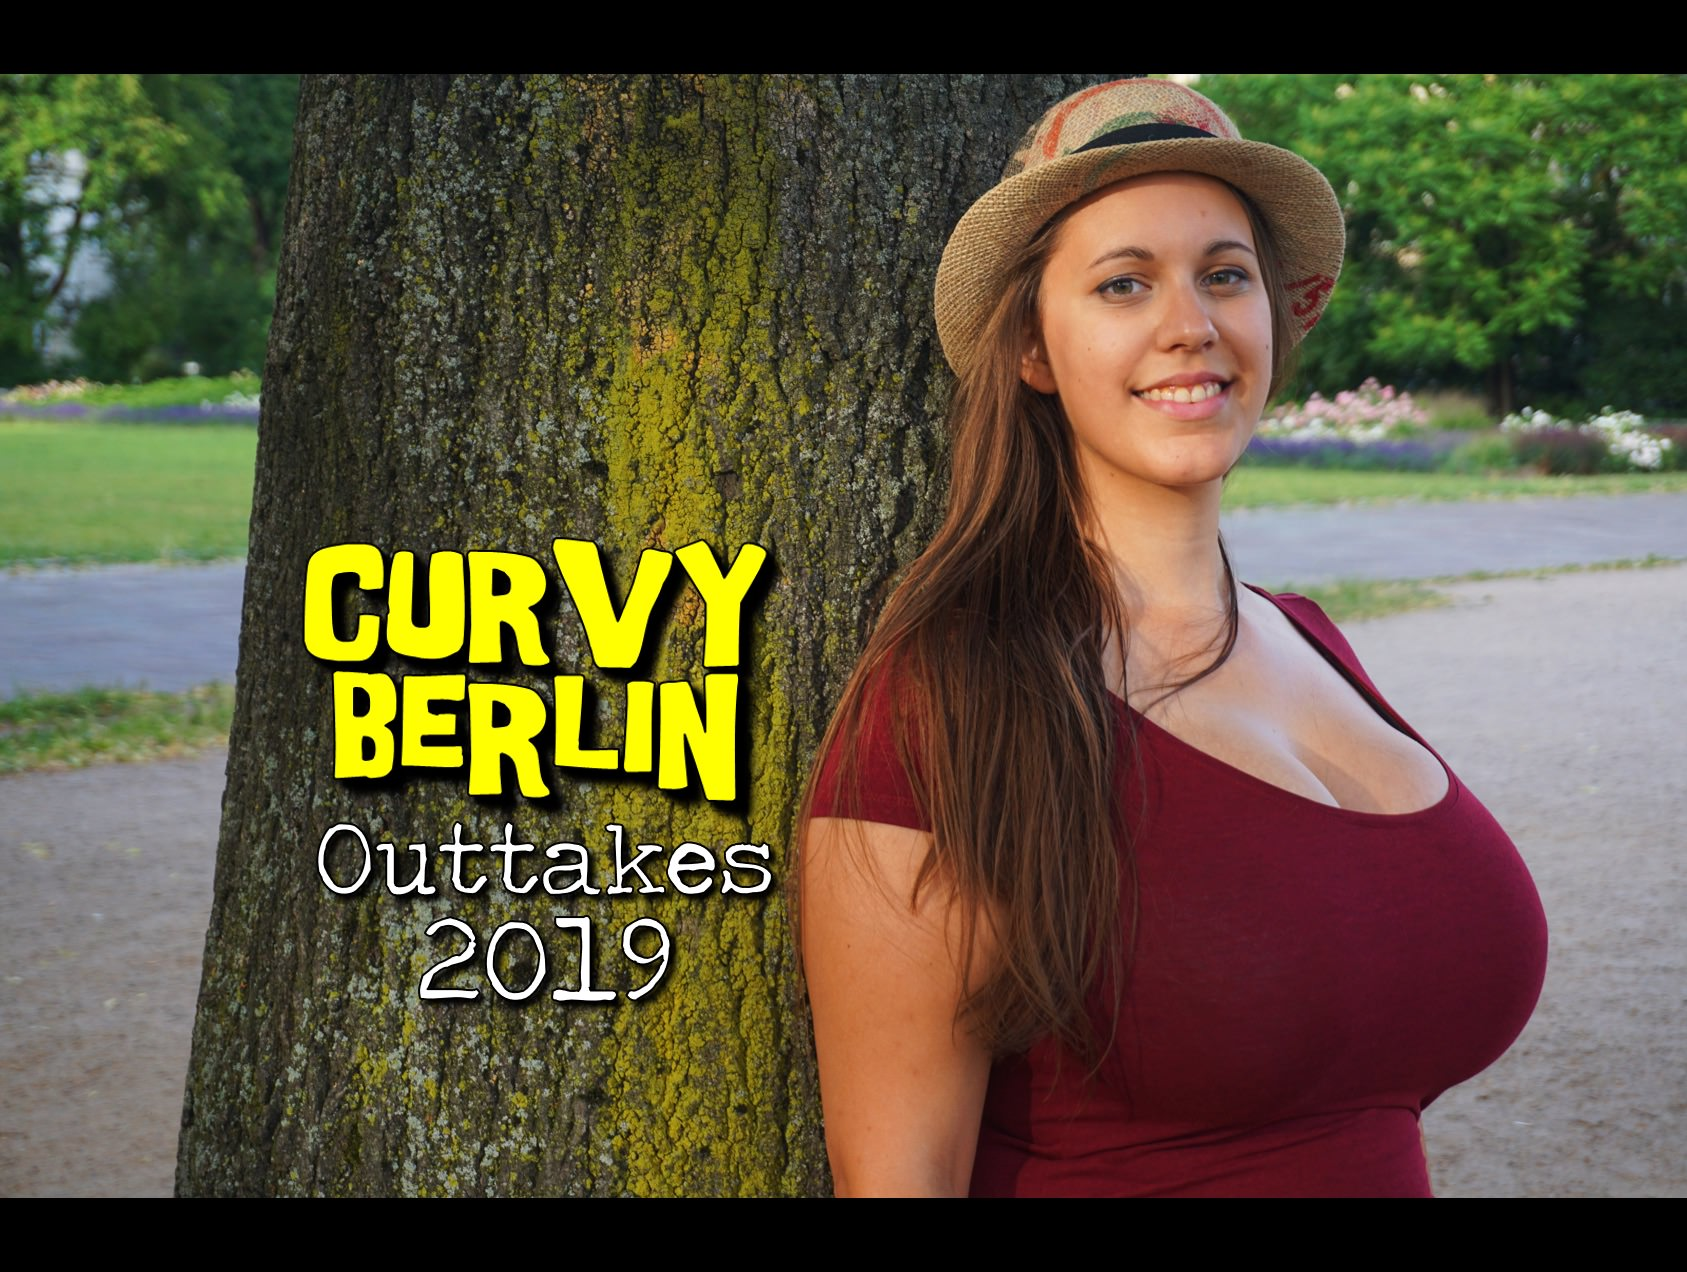 Nackt laura curvy berlin Beste Laura